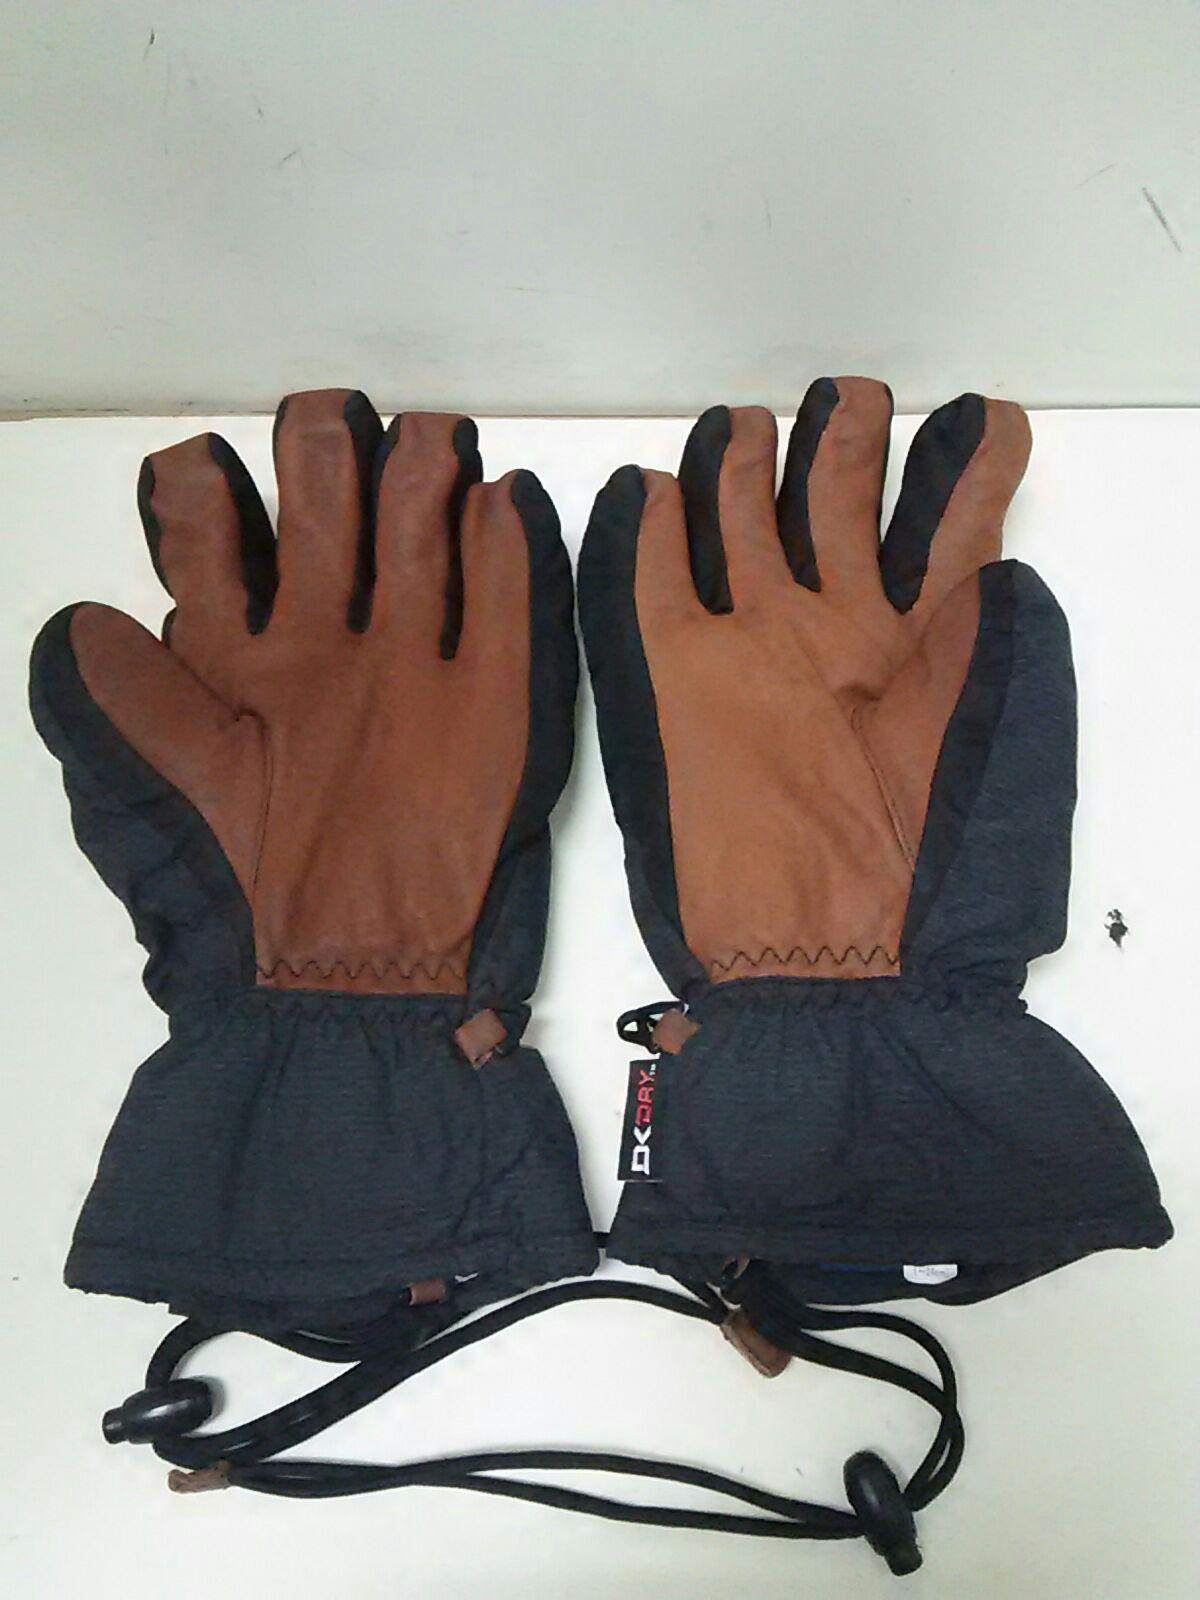 DAKINE(ダカイン)の手袋